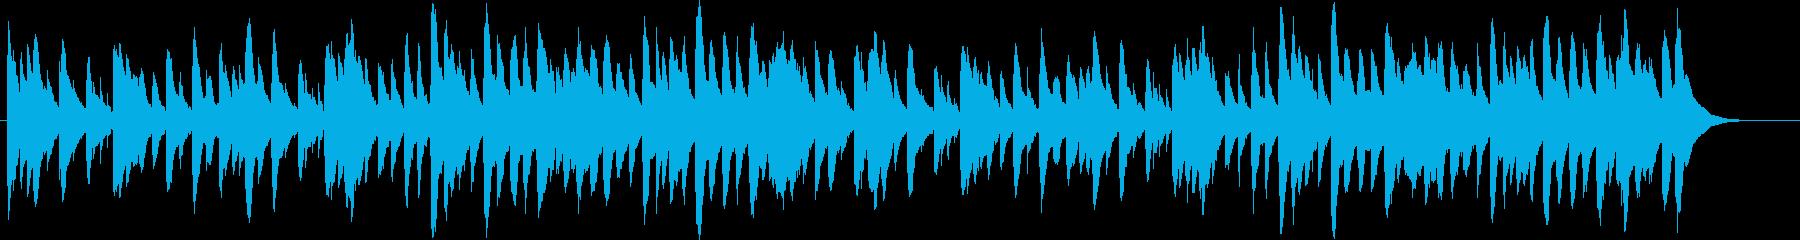 かわいい、きらきらオルゴール曲の再生済みの波形